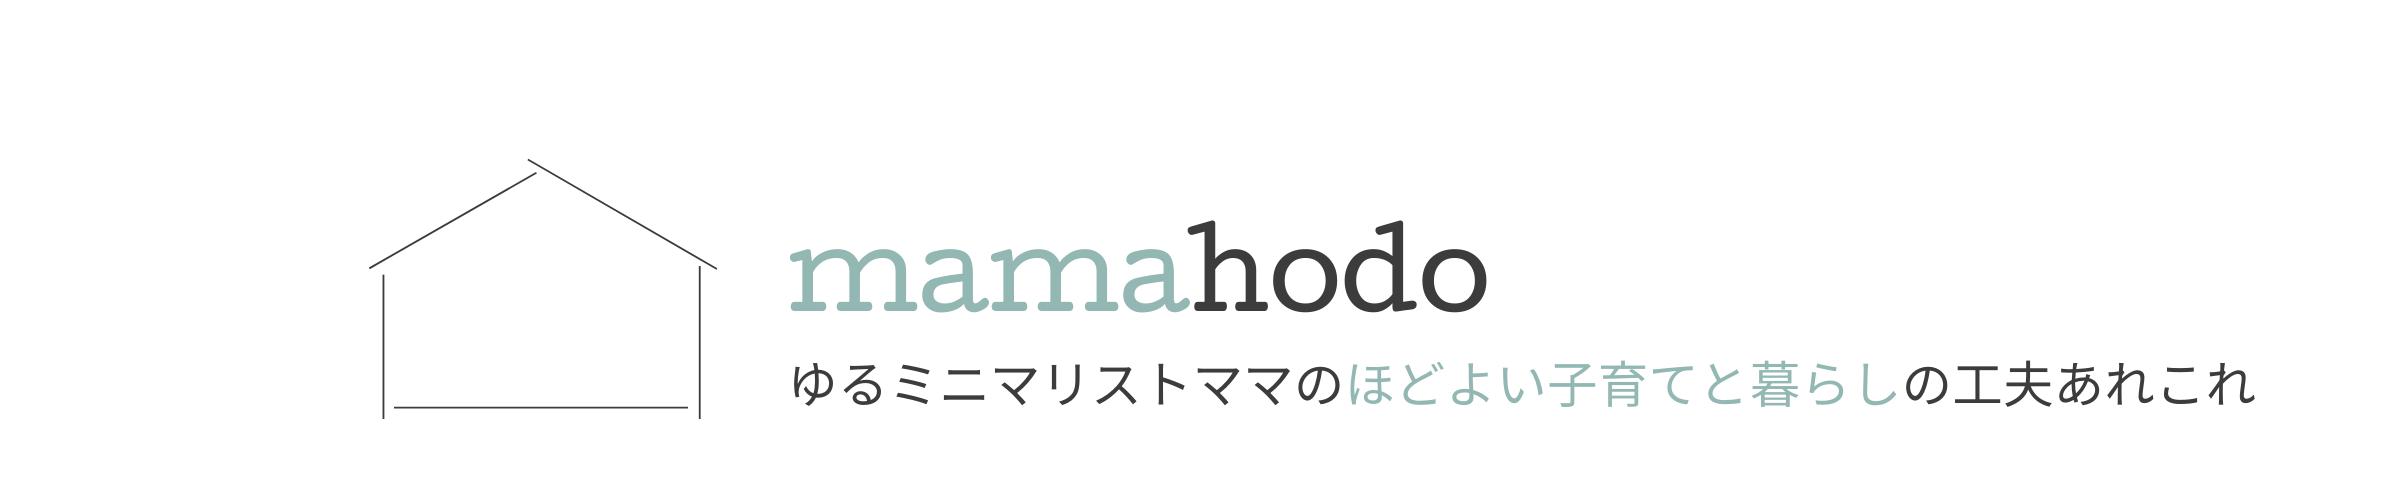 mamahodo